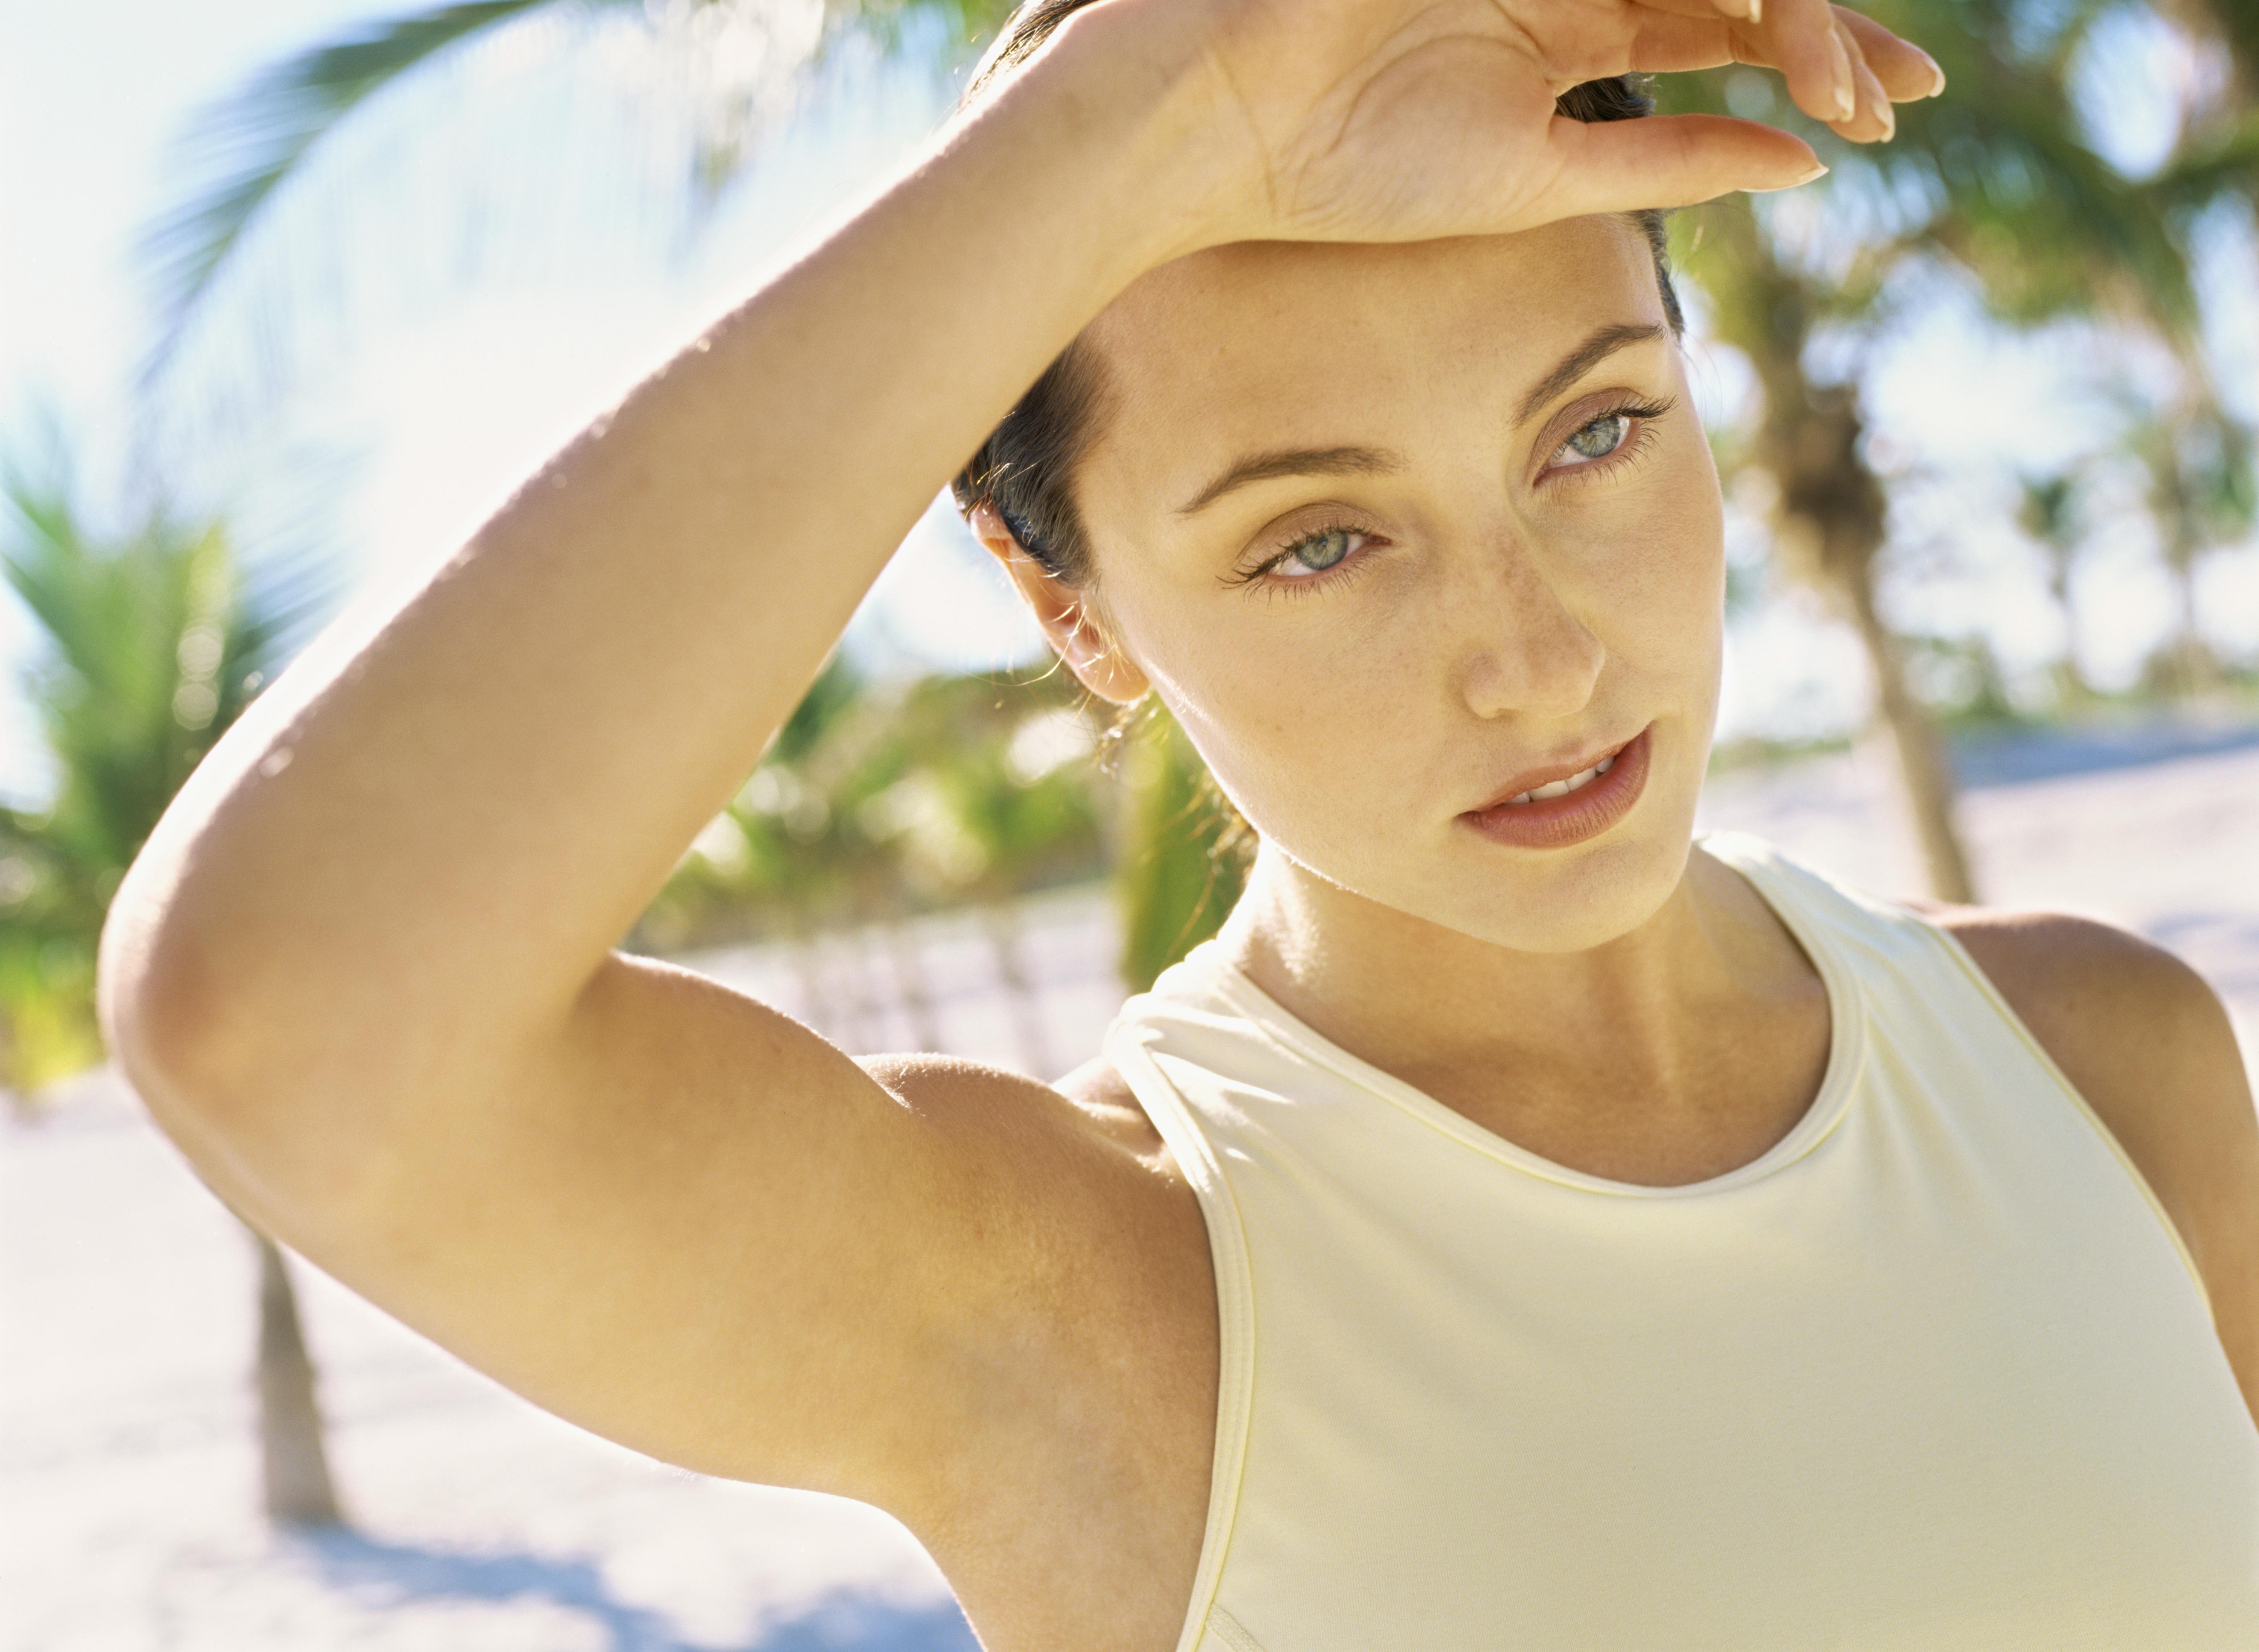 Transpiração: Remédios Para Evitar a Transpiração – Dicas para Eliminar o Suor Excessivo